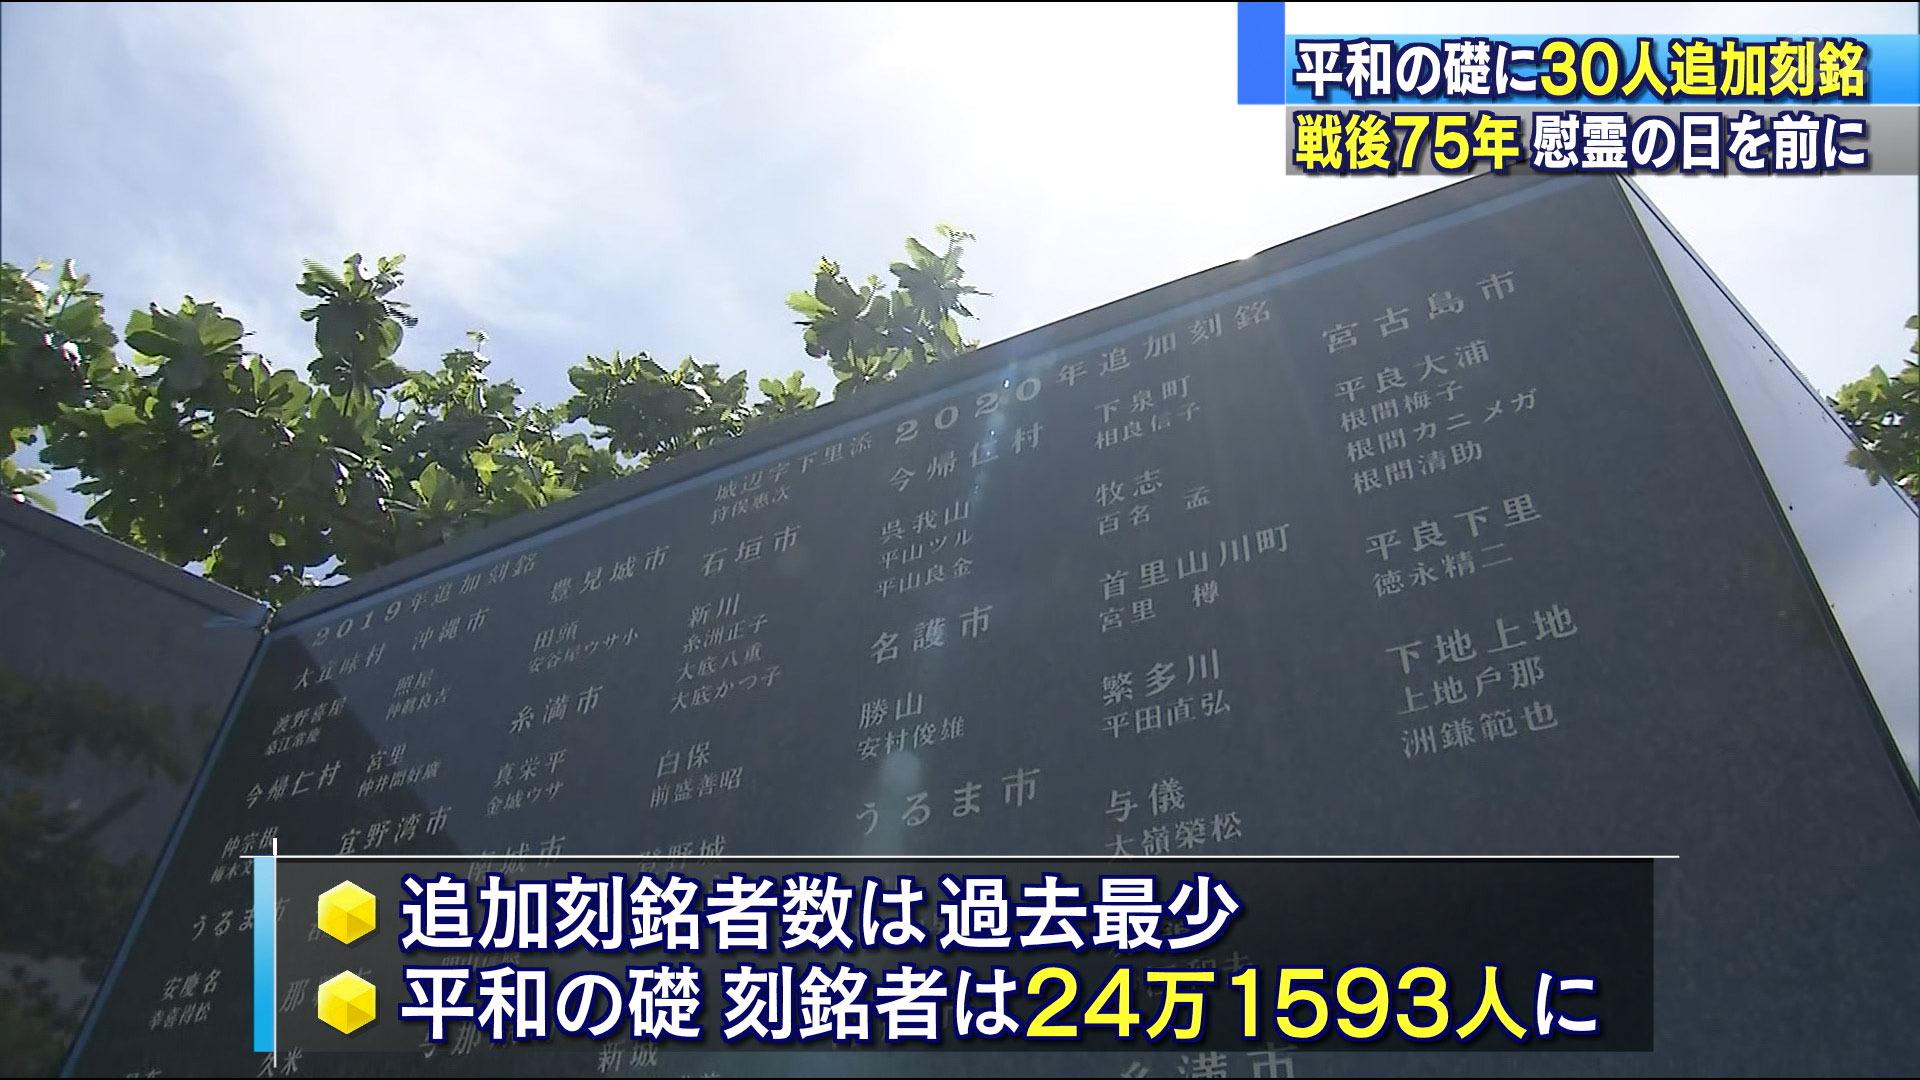 戦後75年 平和の礎に30人追加刻銘